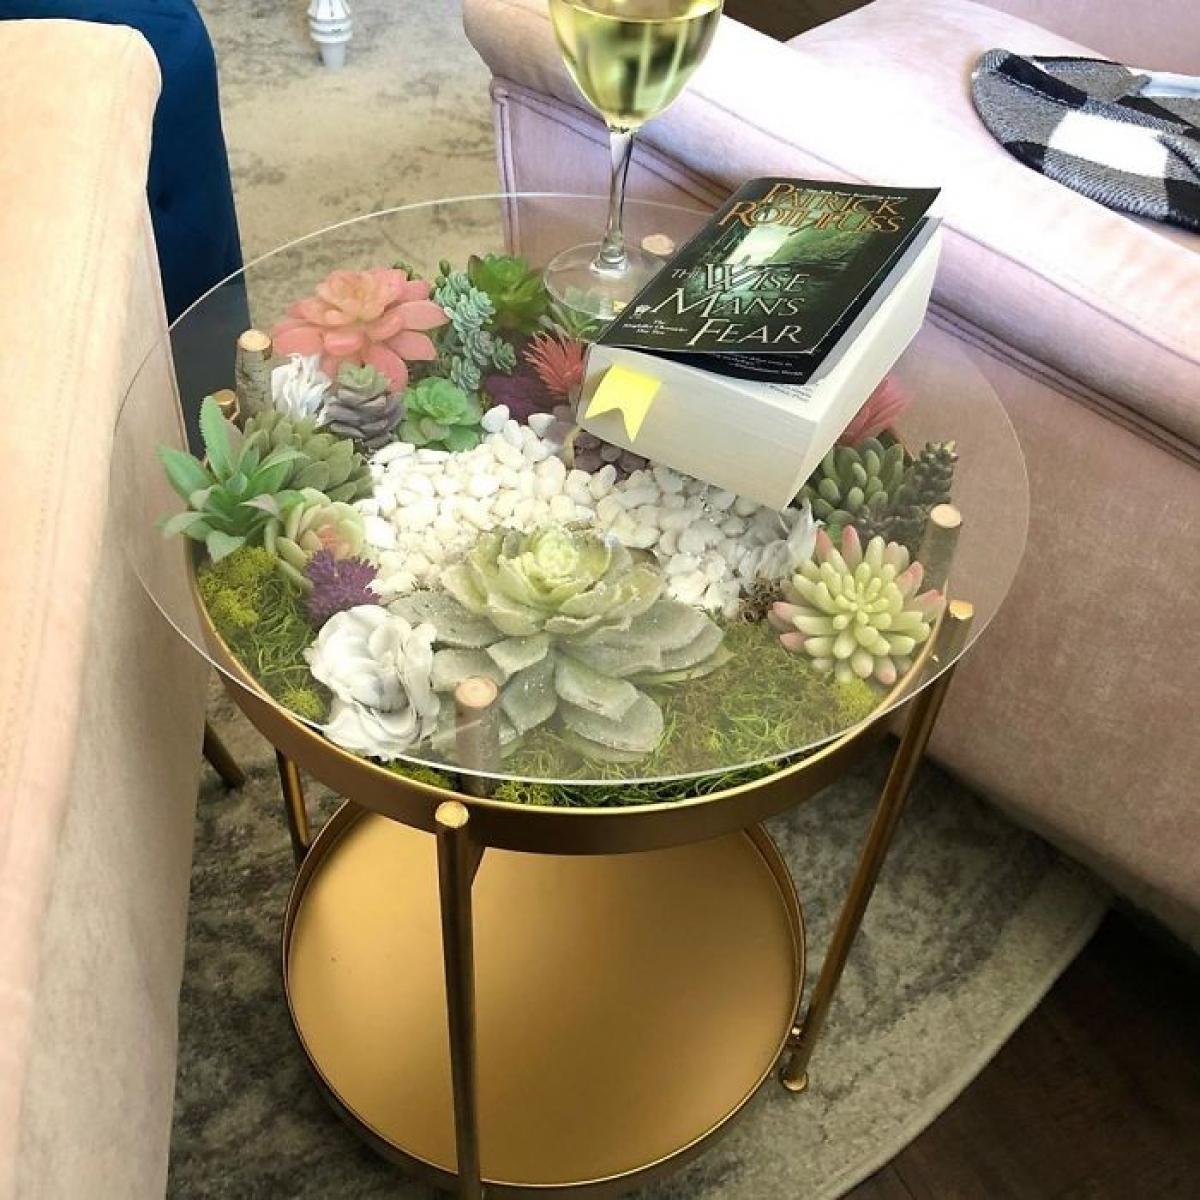 Những chiếc bàn với cây và hoa thế này sẽ dần thay thế những chiếc bàn gỗ, nhựa truyền thống.